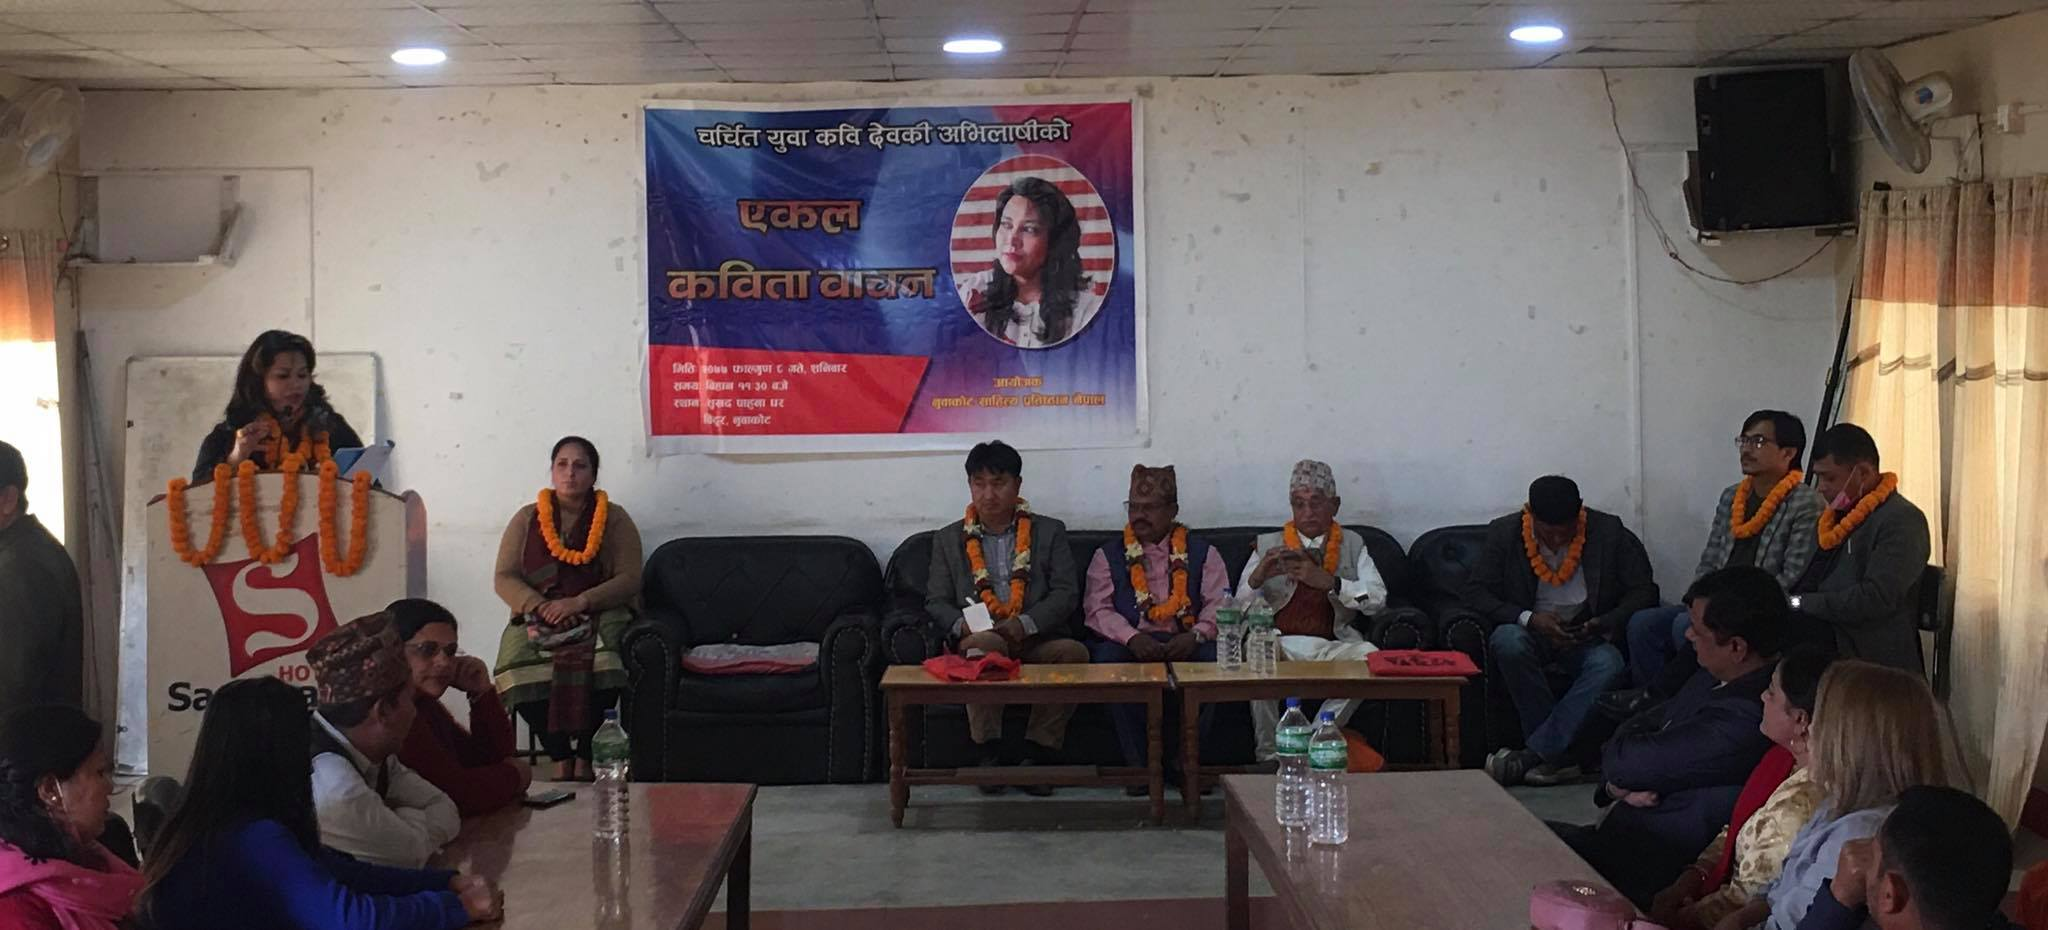 devaki abhilashi Solo poetry reading program in nuwakot